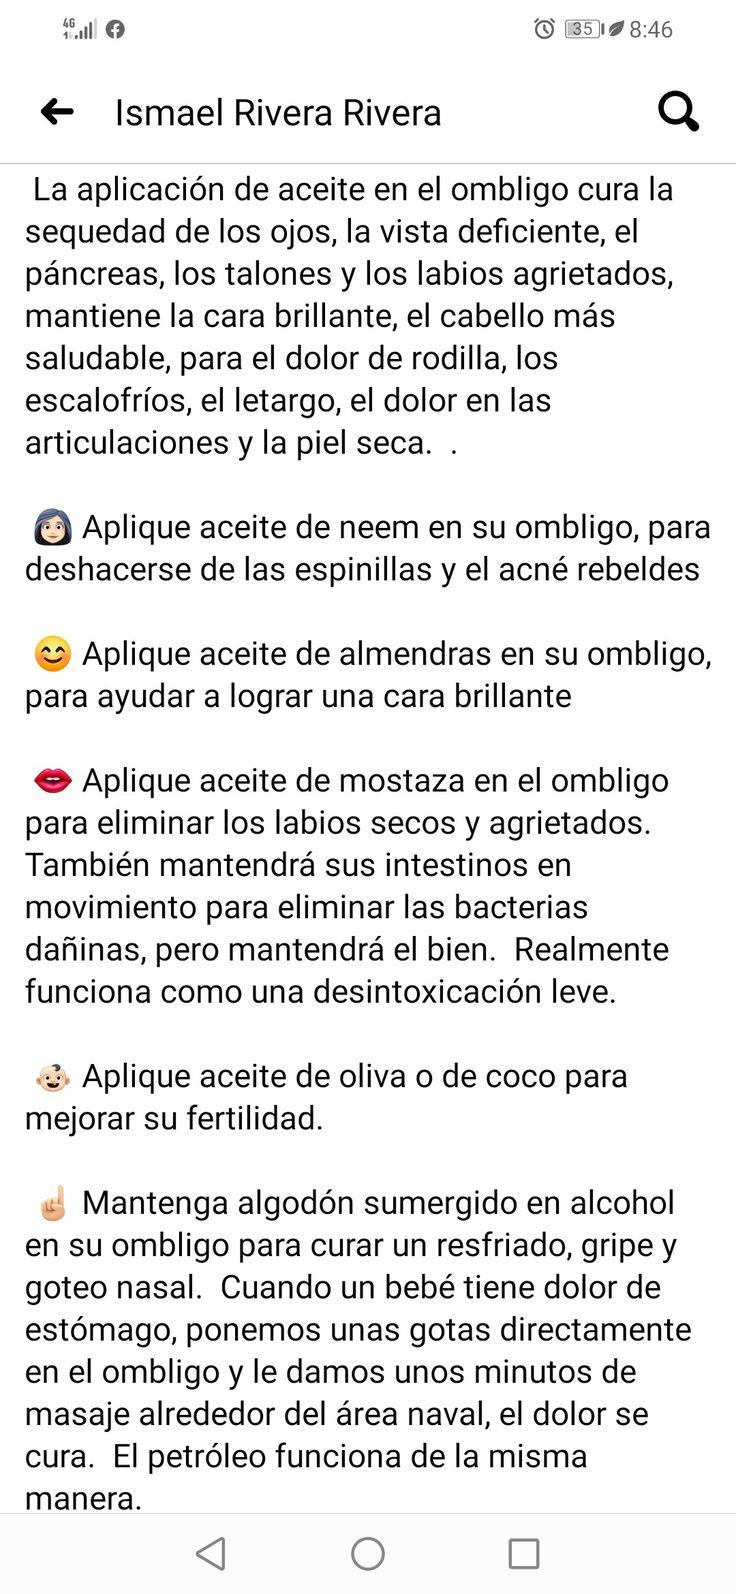 Pin De Karoly Montaño En Saludable Labios Agrietados Labios Dolor En La Rodilla